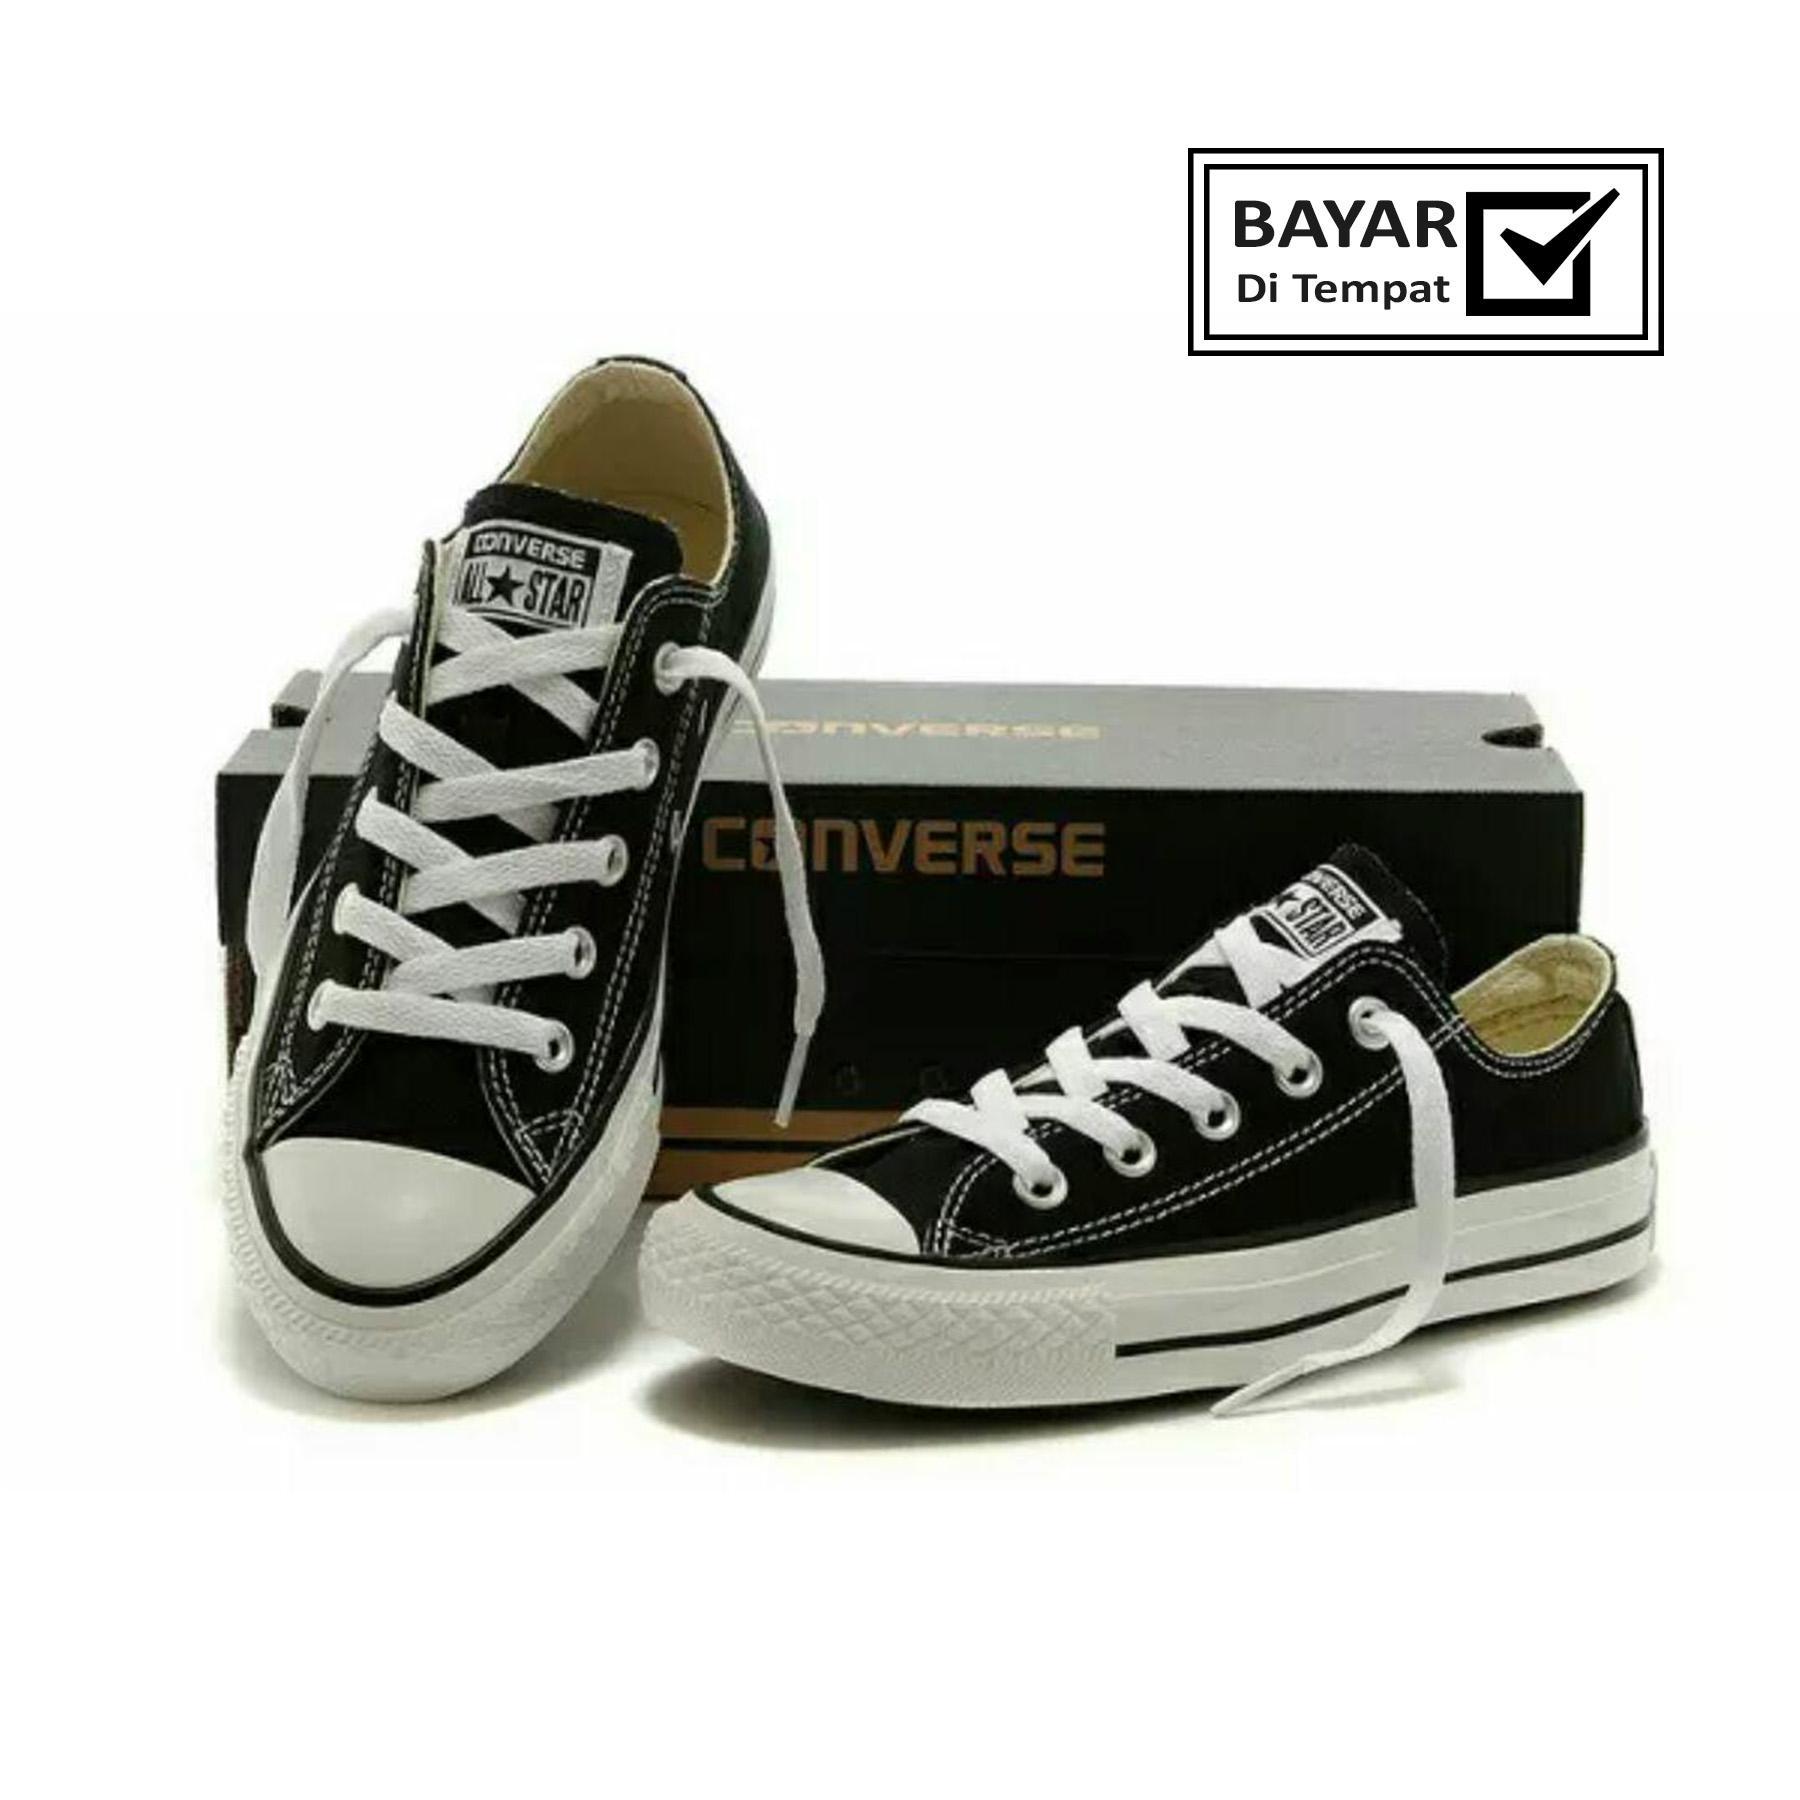 b190259c7b75 Indonesia. Sepatu Kets All Star Original Unisex Vietnam Sneakers Pria dan  Wanita